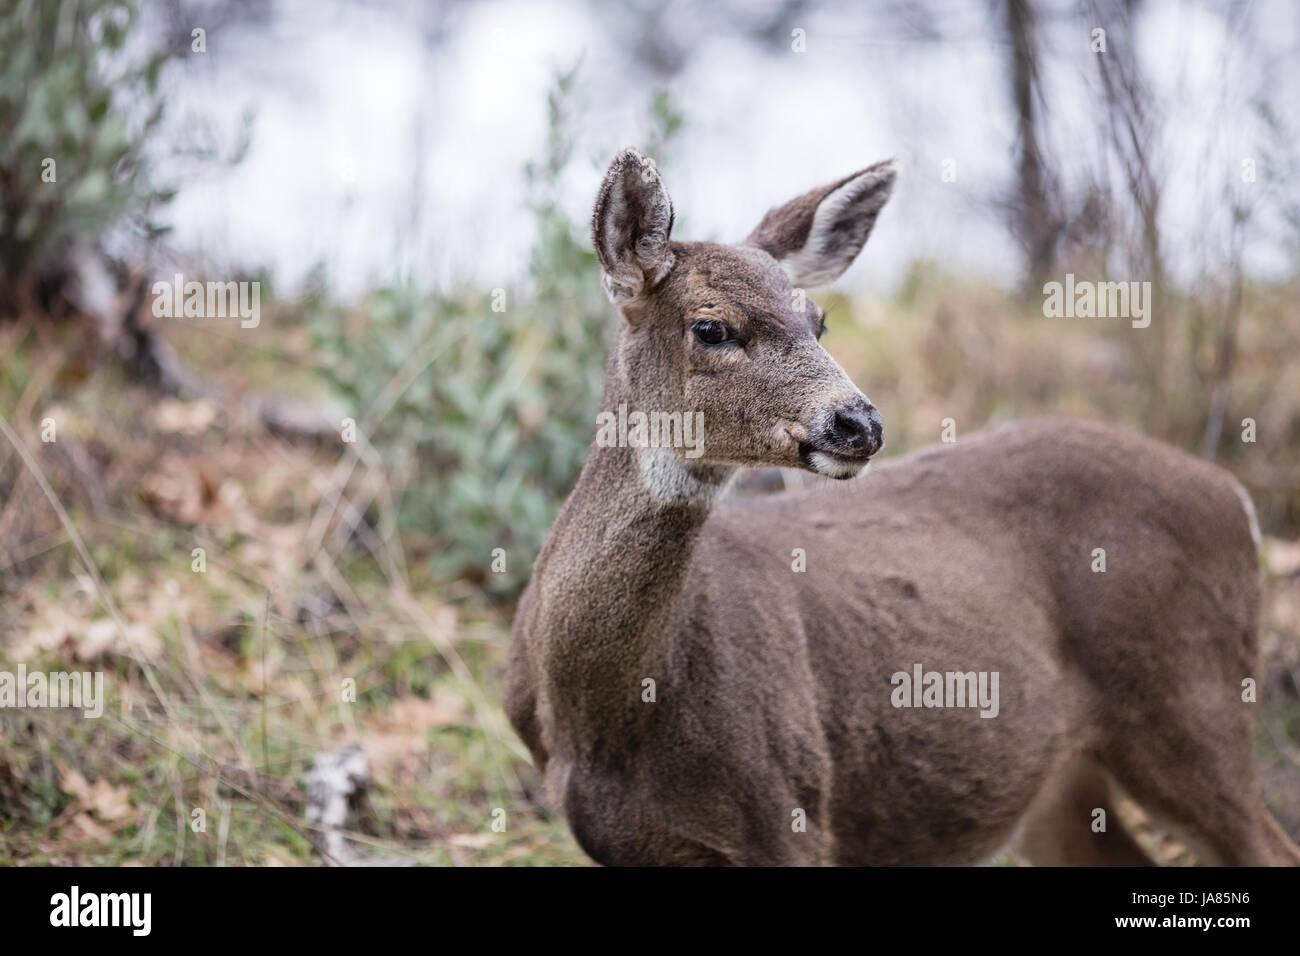 Portrait of a female deer dans la nature à la recherche de l'appareil photo. Banque D'Images